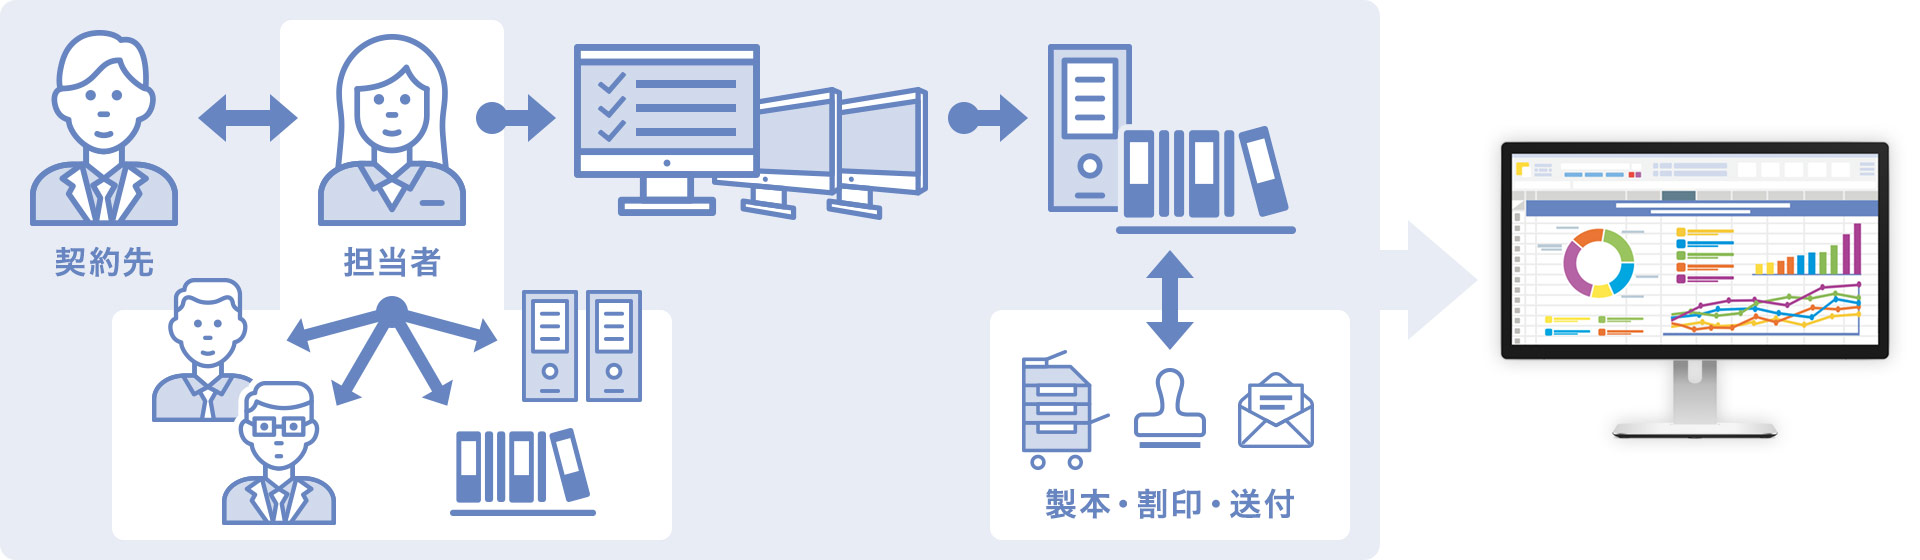 IM-BPMで、契約のプロセス全体を管理 イメージ図